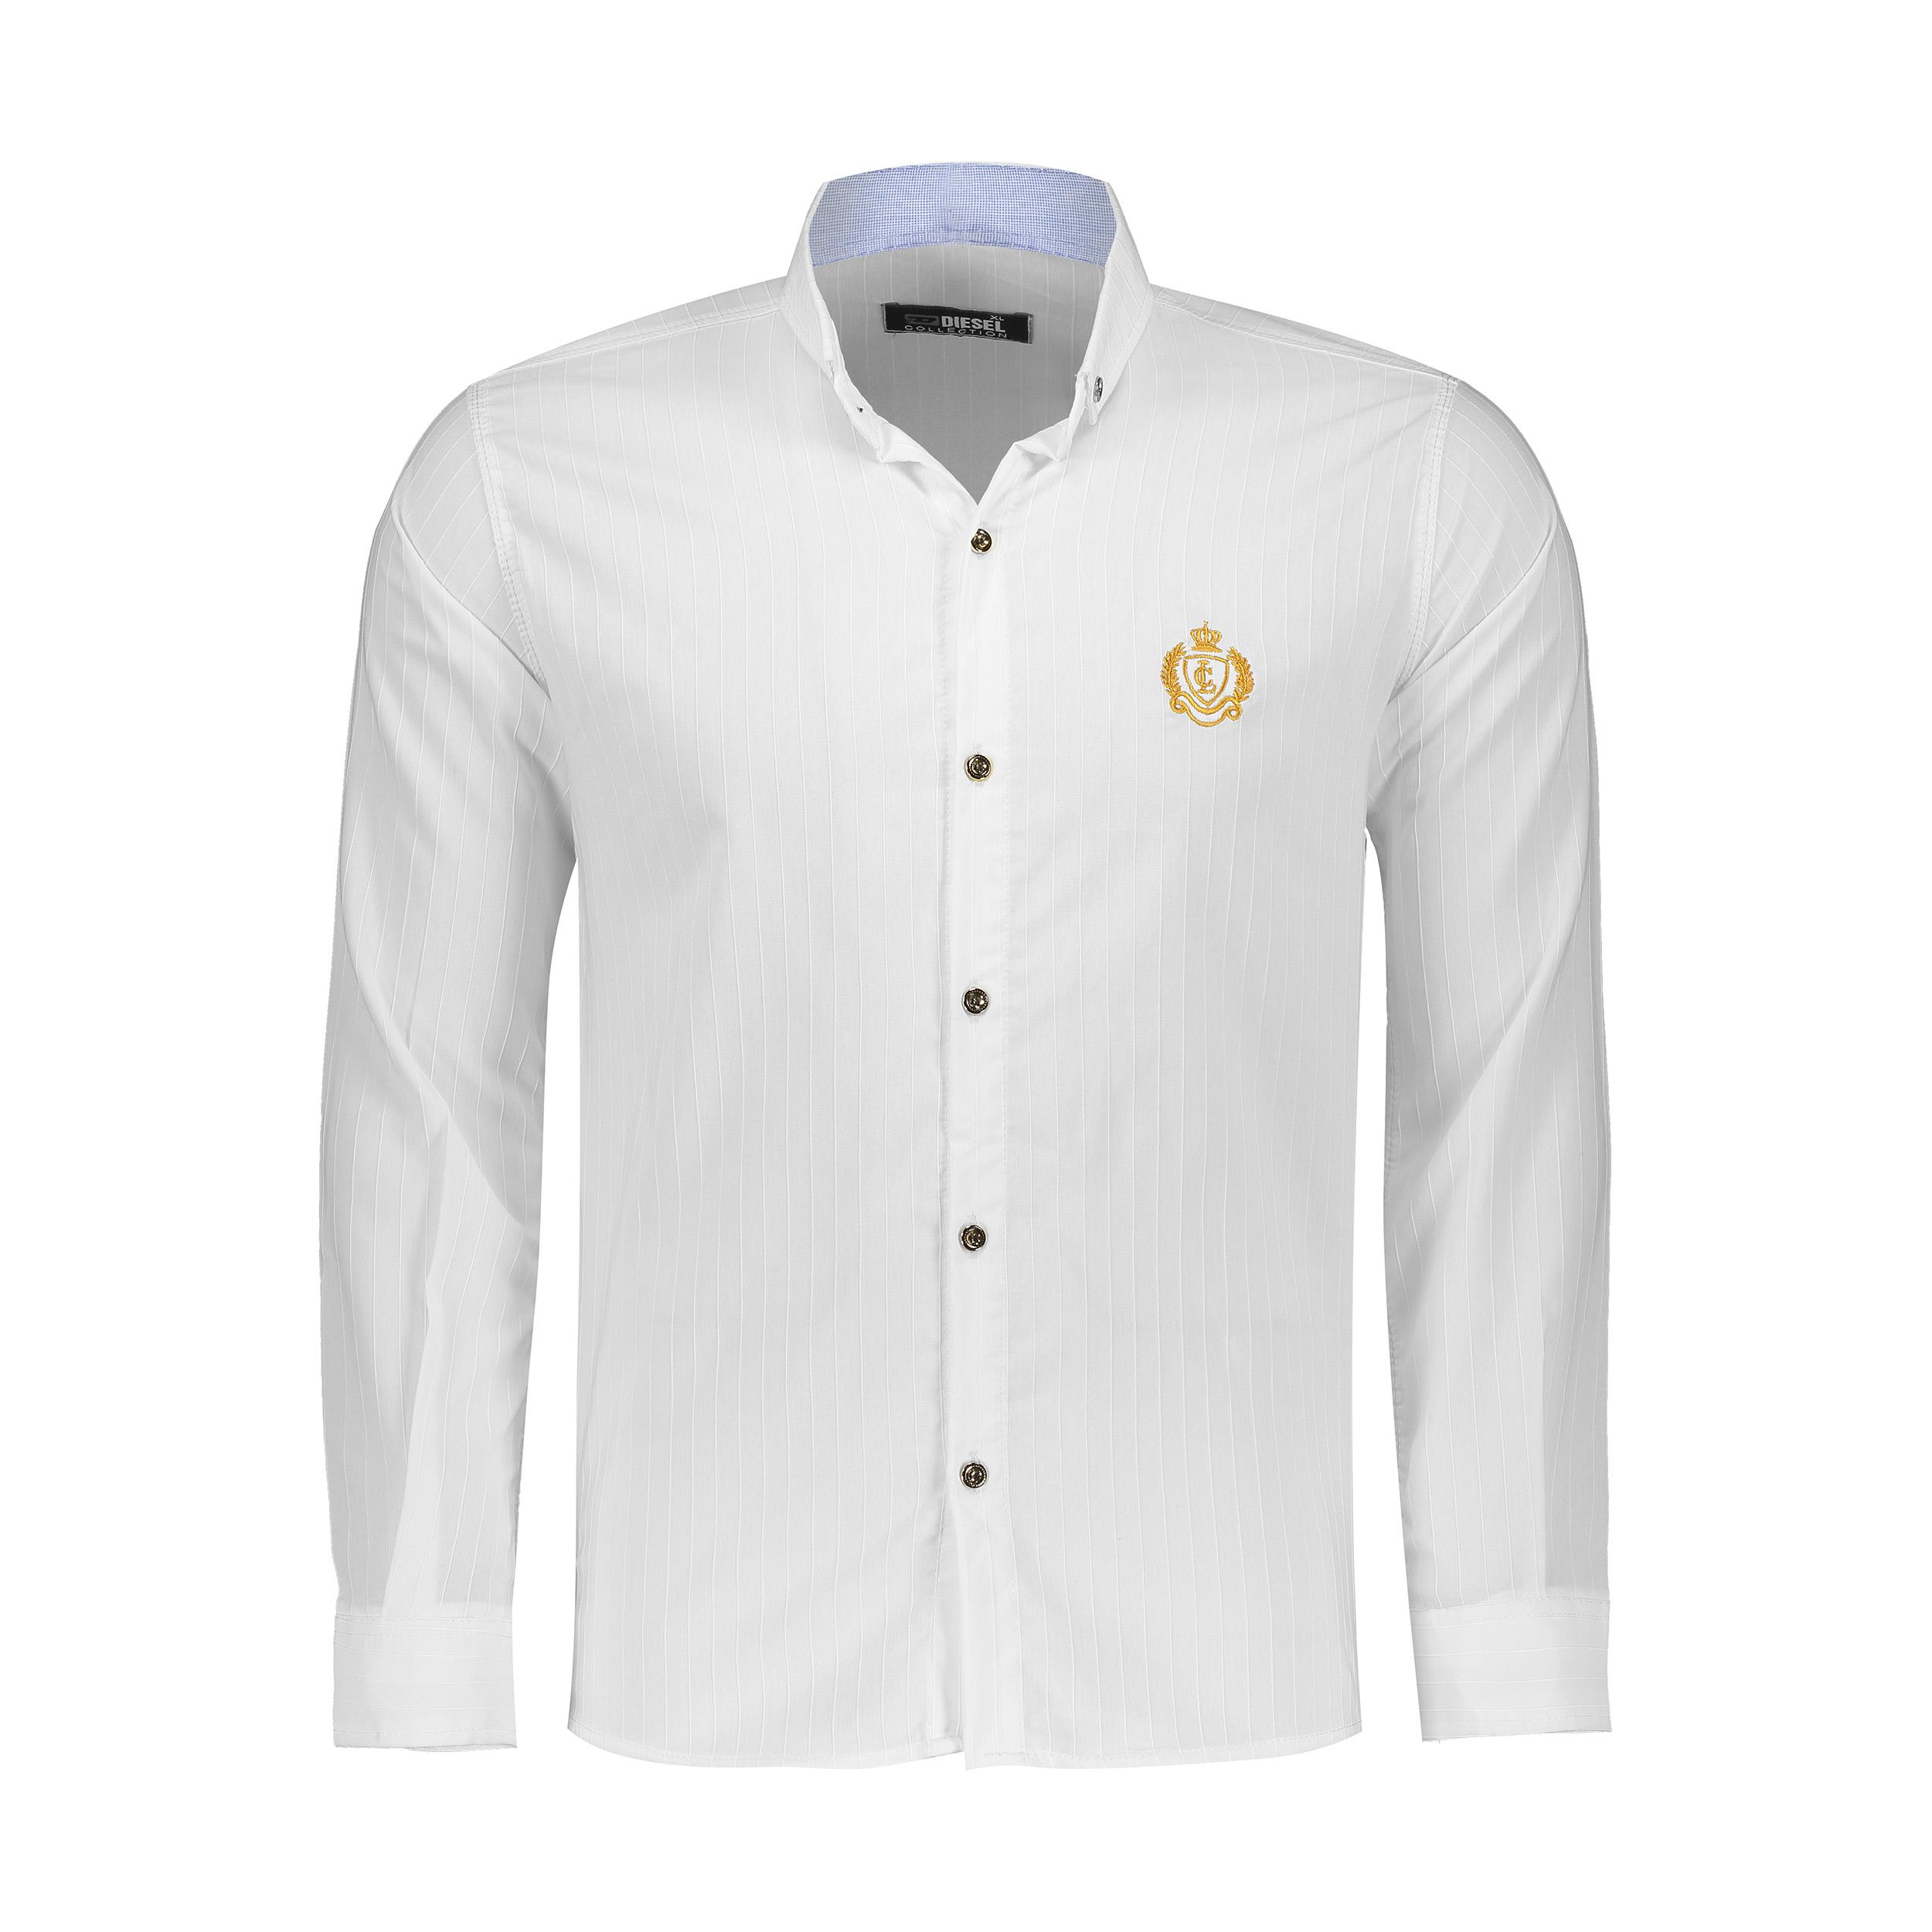 پیراهن مردانه مدل P.baz.200